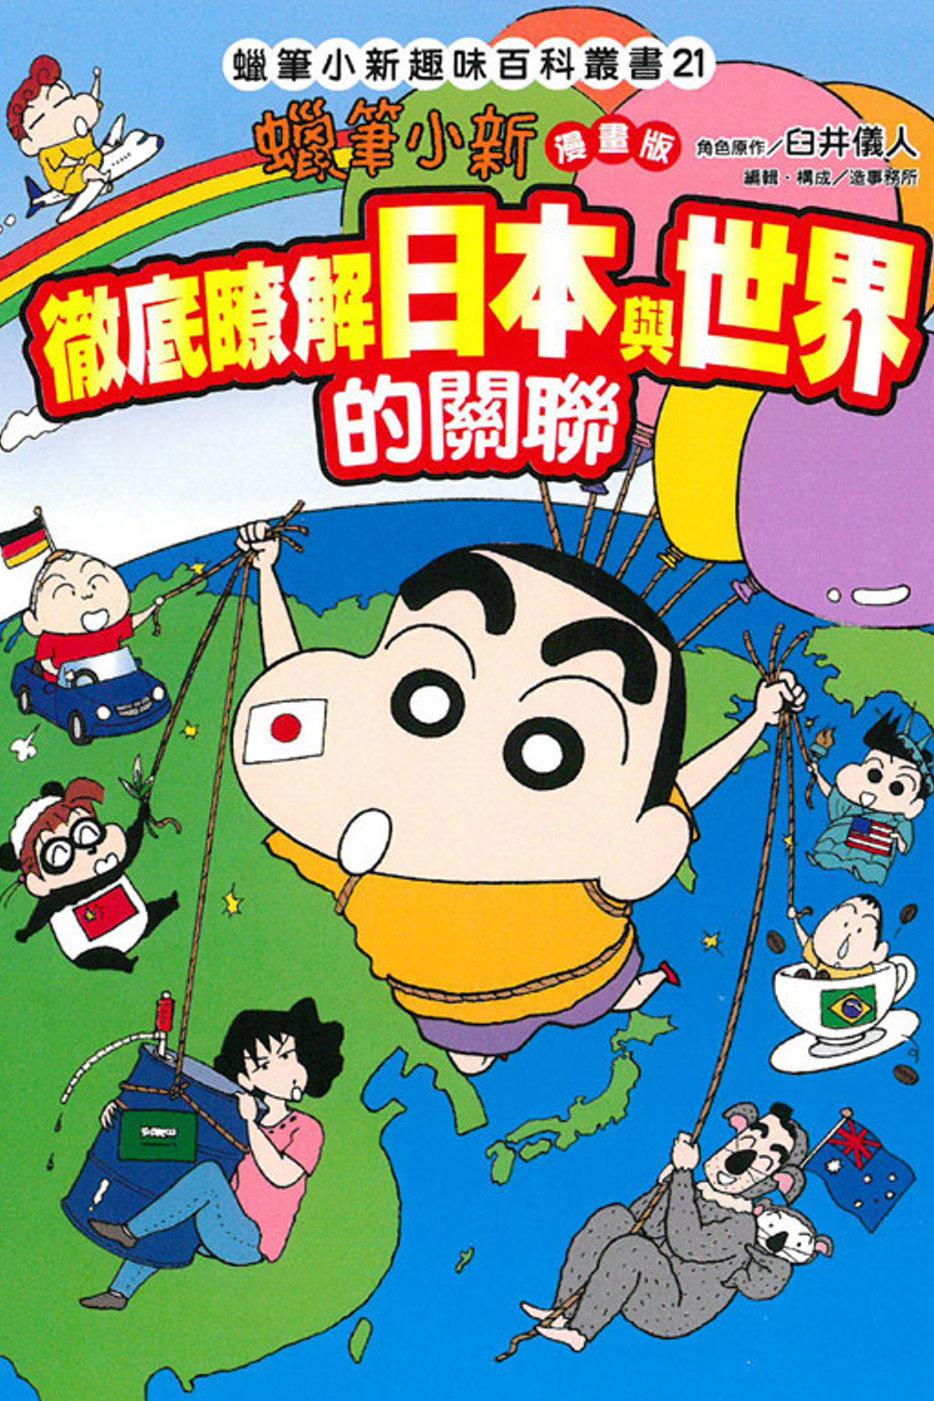 蠟筆小新趣味百科叢書(21)徹底瞭解日本與世界的關聯 全